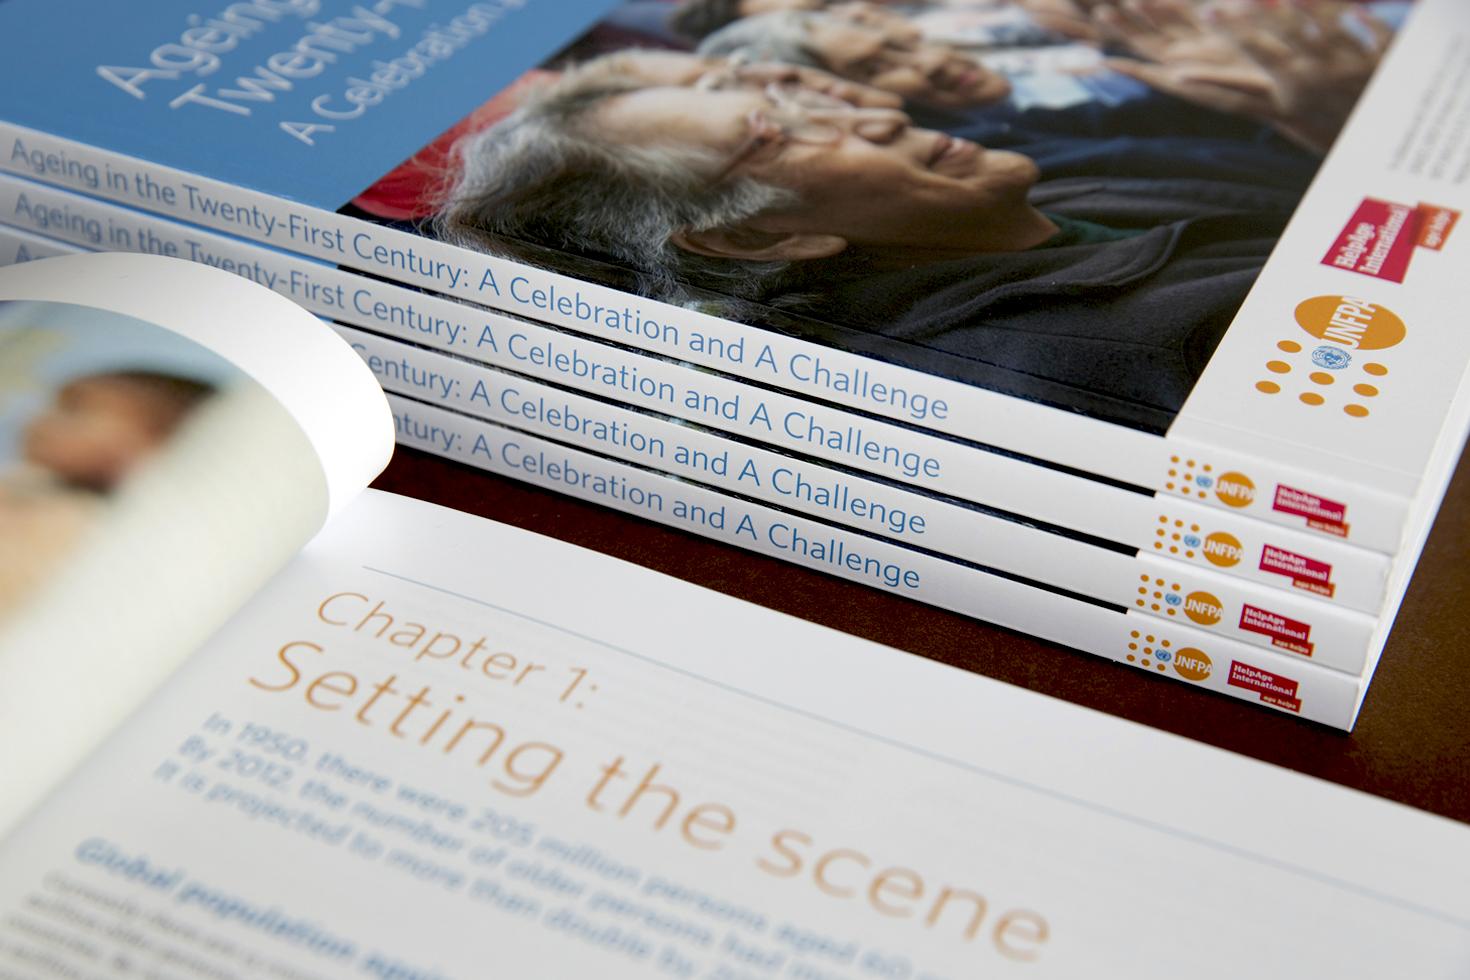 UNFPA publications